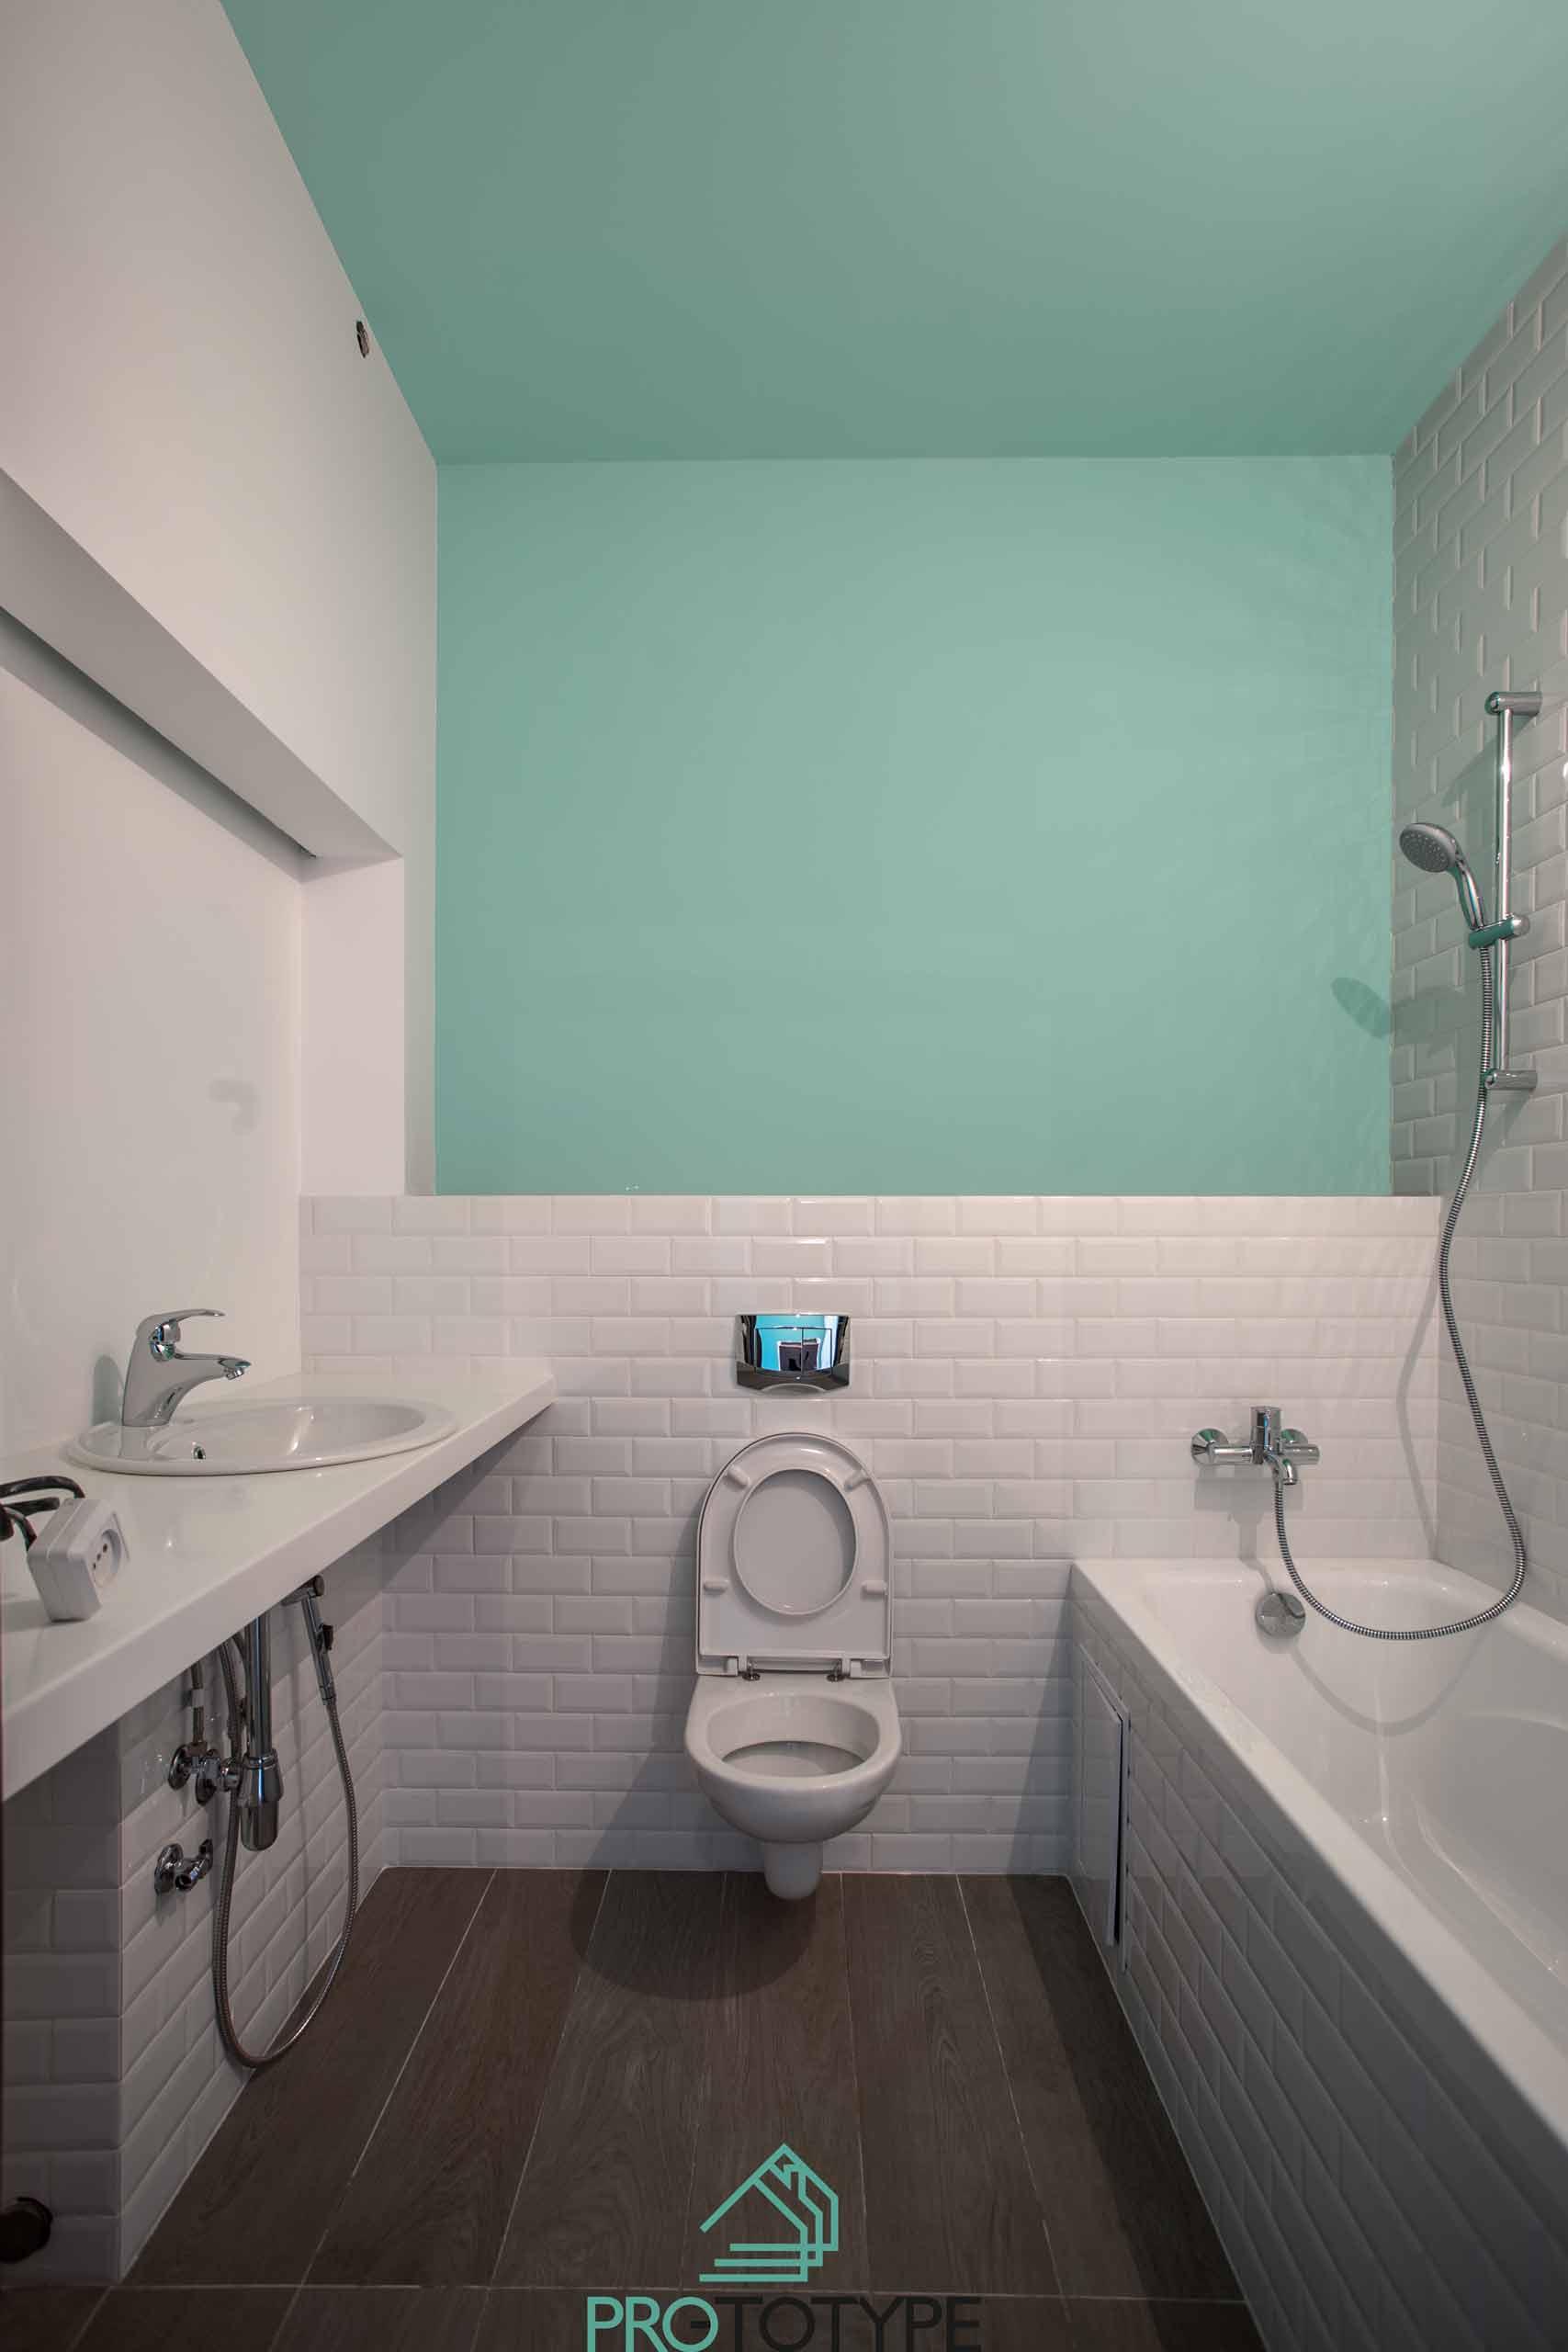 Реализация ванной комнаты по проекту ПРО-ТОТИП